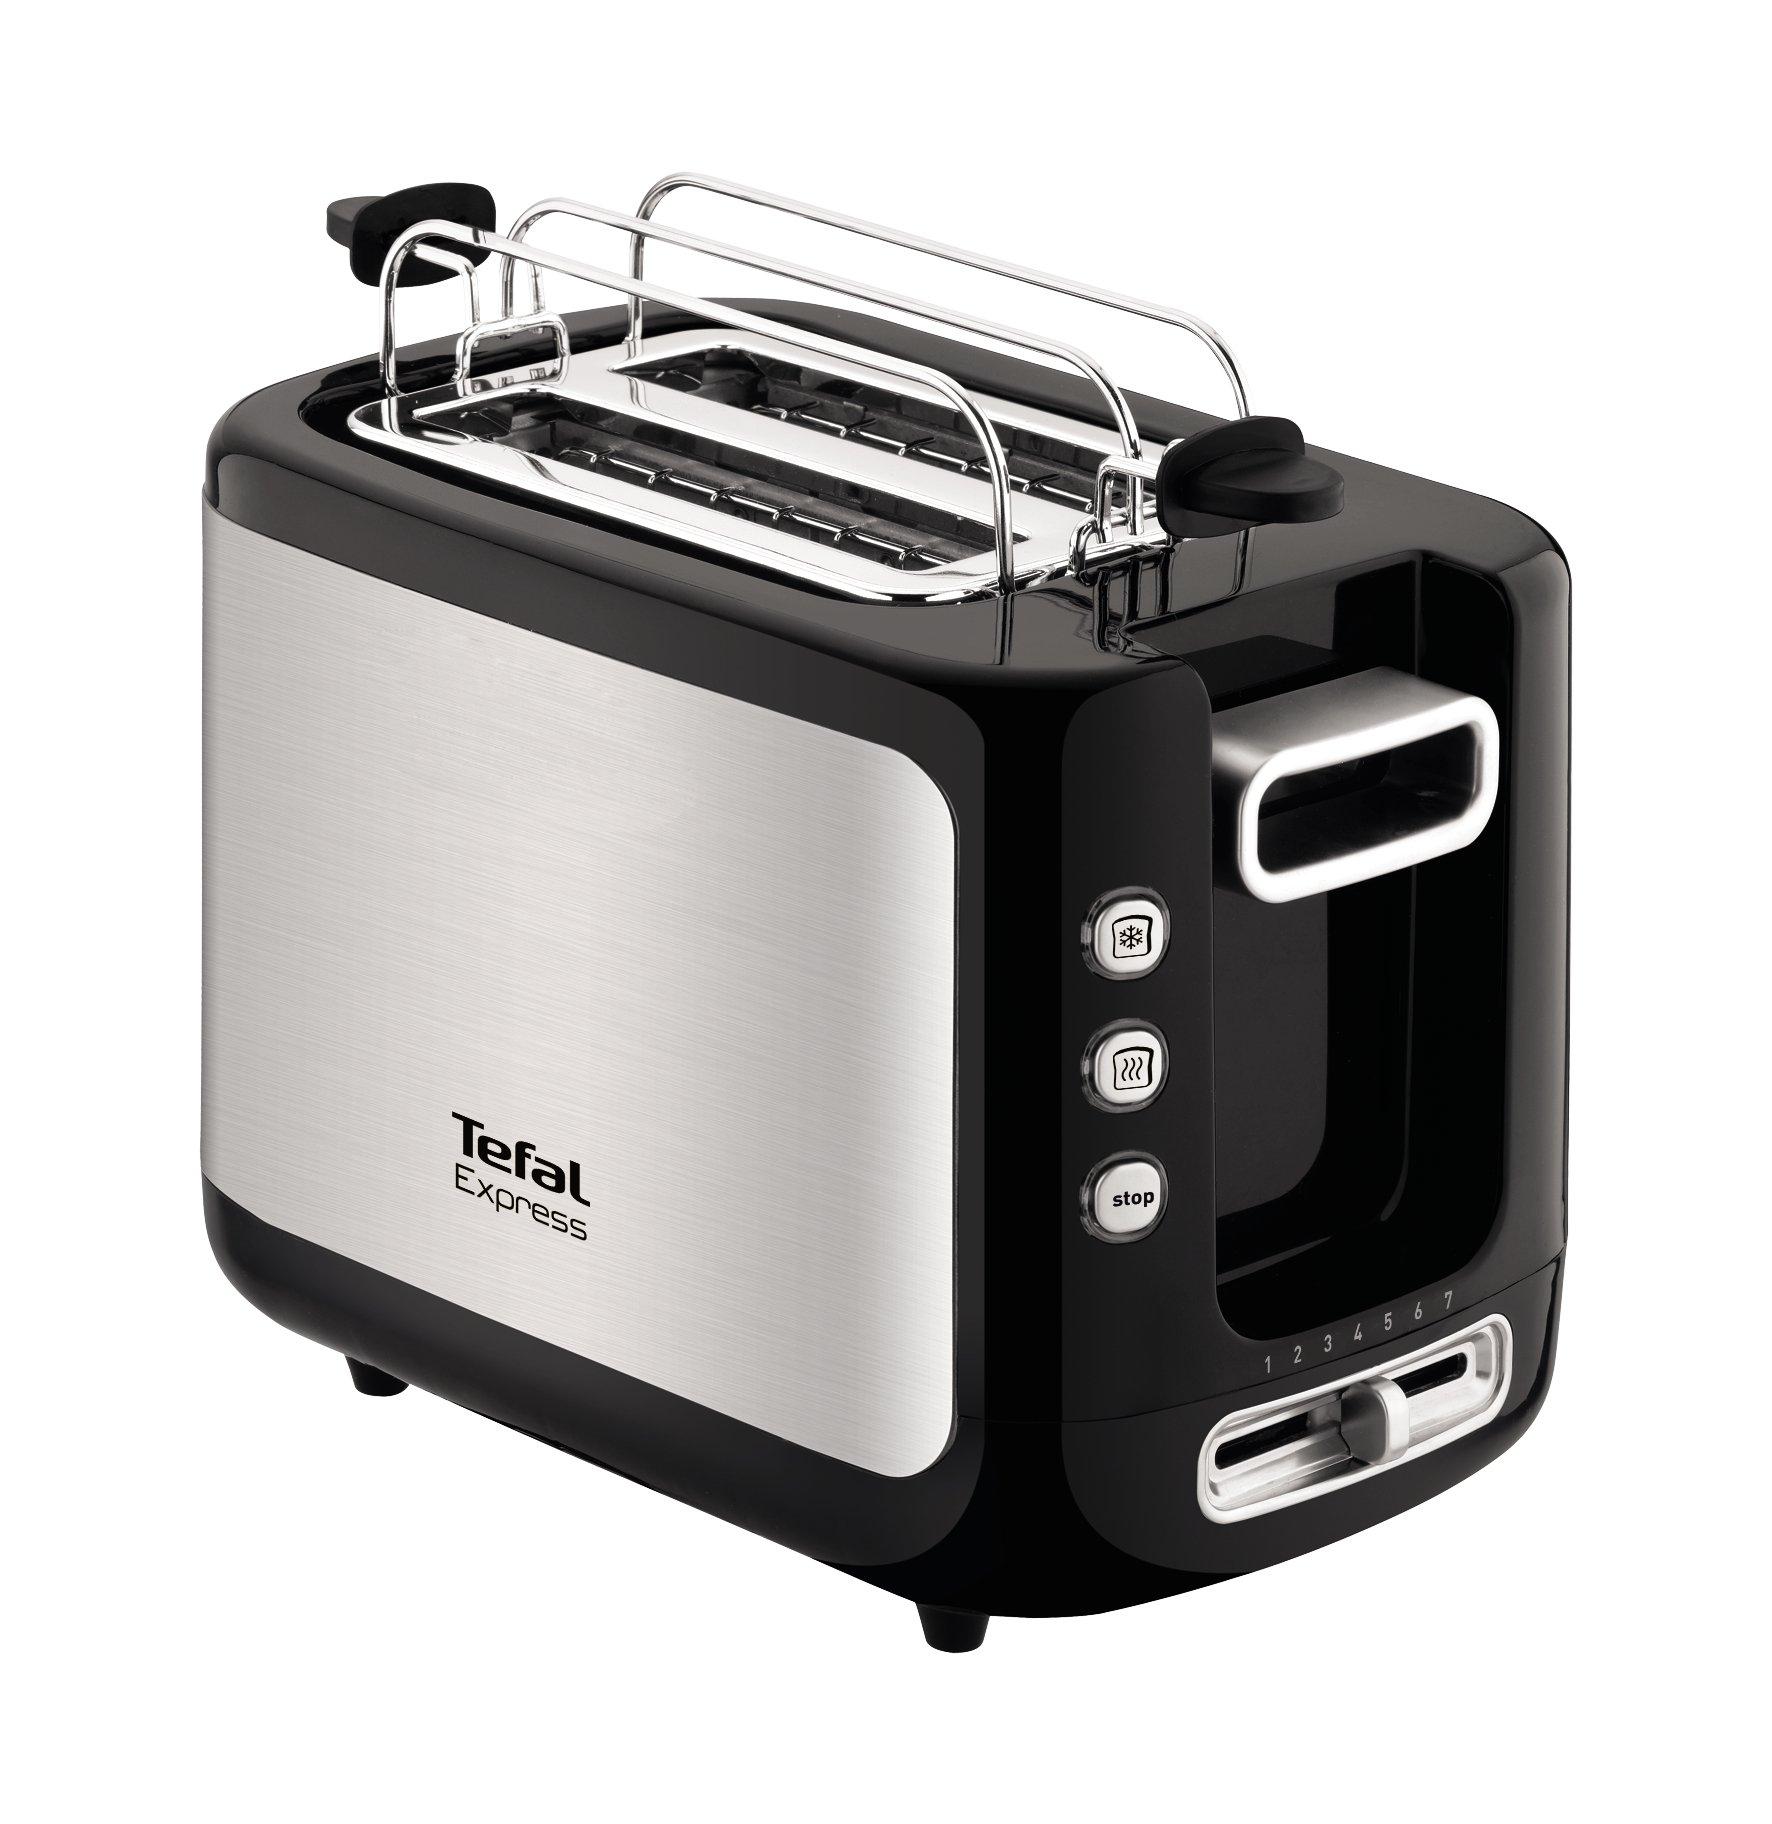 Tefal-TT3650-Toaster-Express-mit-Brtchenaufsatz-850-Watt